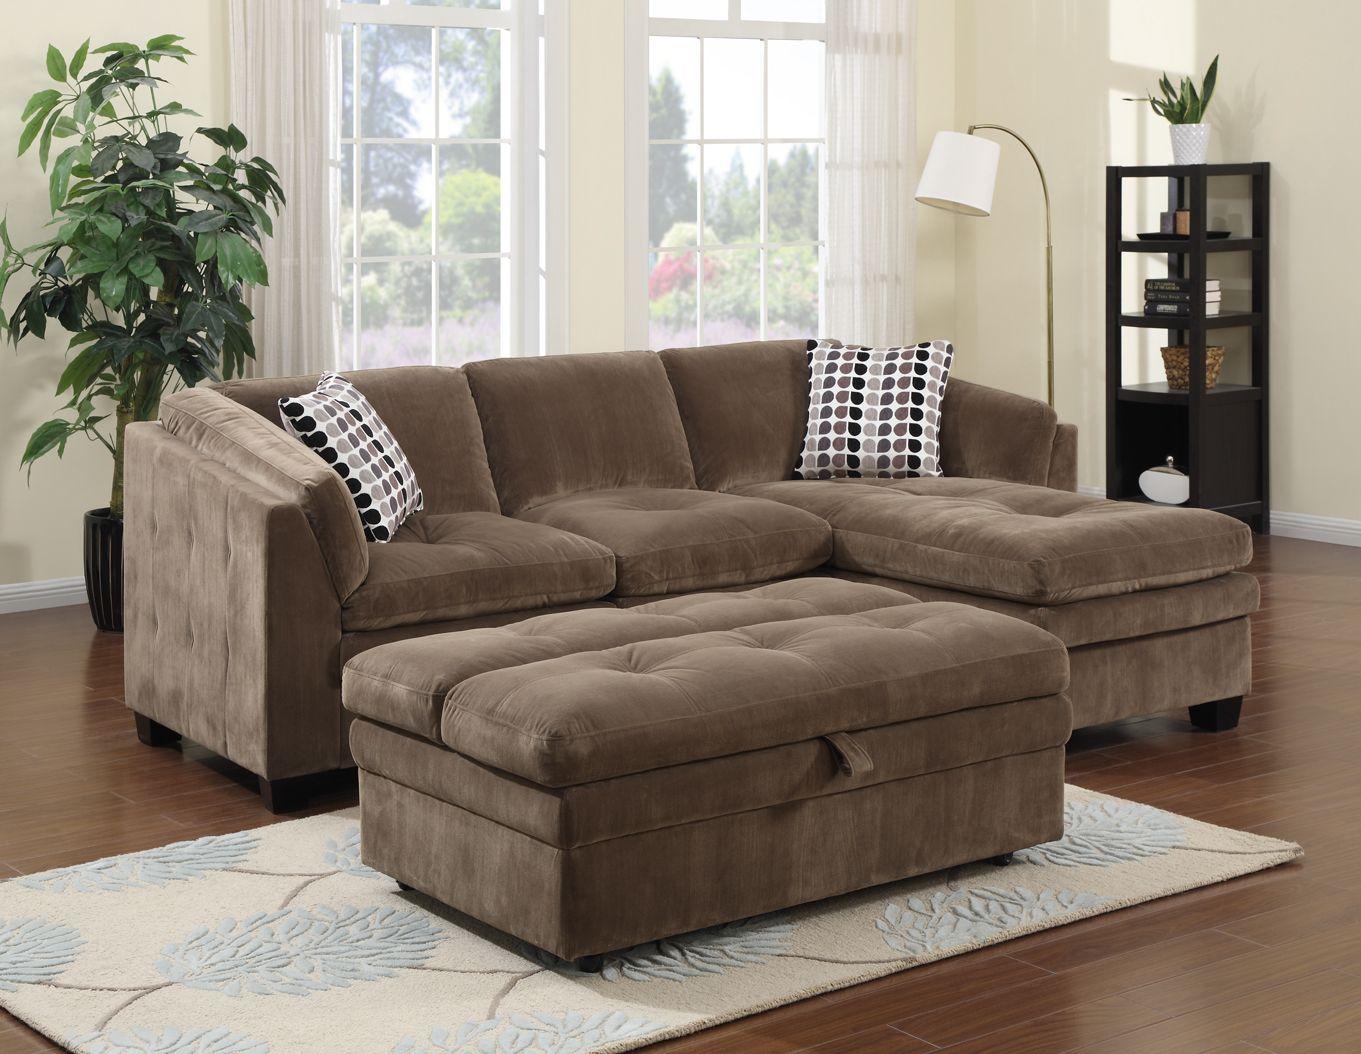 IVermont | Kozy Living   Full Line Of Living Room Furniture | Pinterest